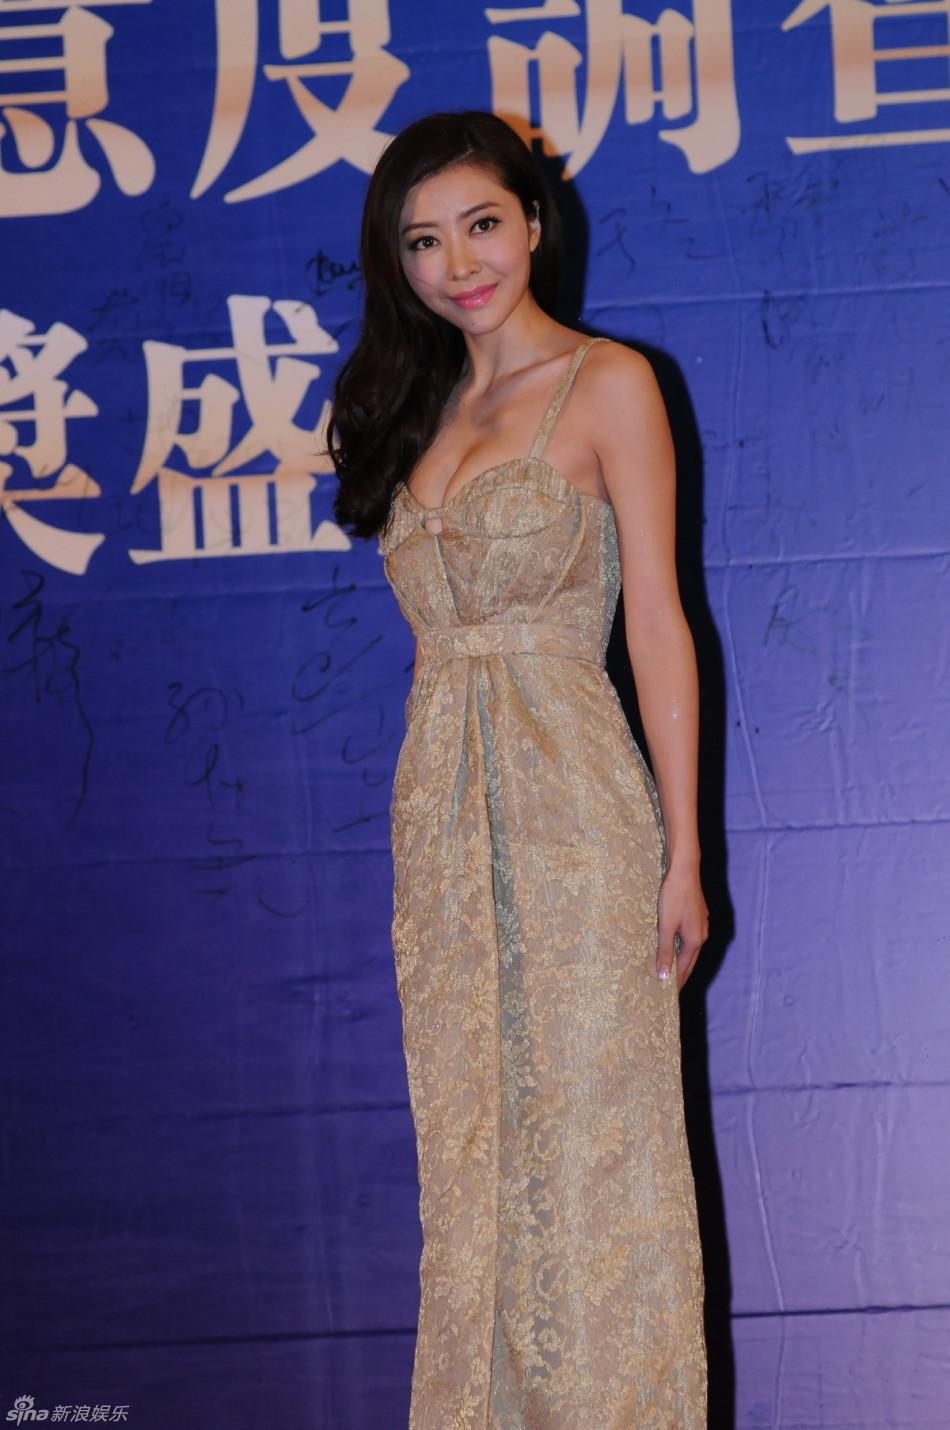 http://www.sinaimg.cn/dy/slidenews/4_img/2013_15/704_933670_935589.jpg